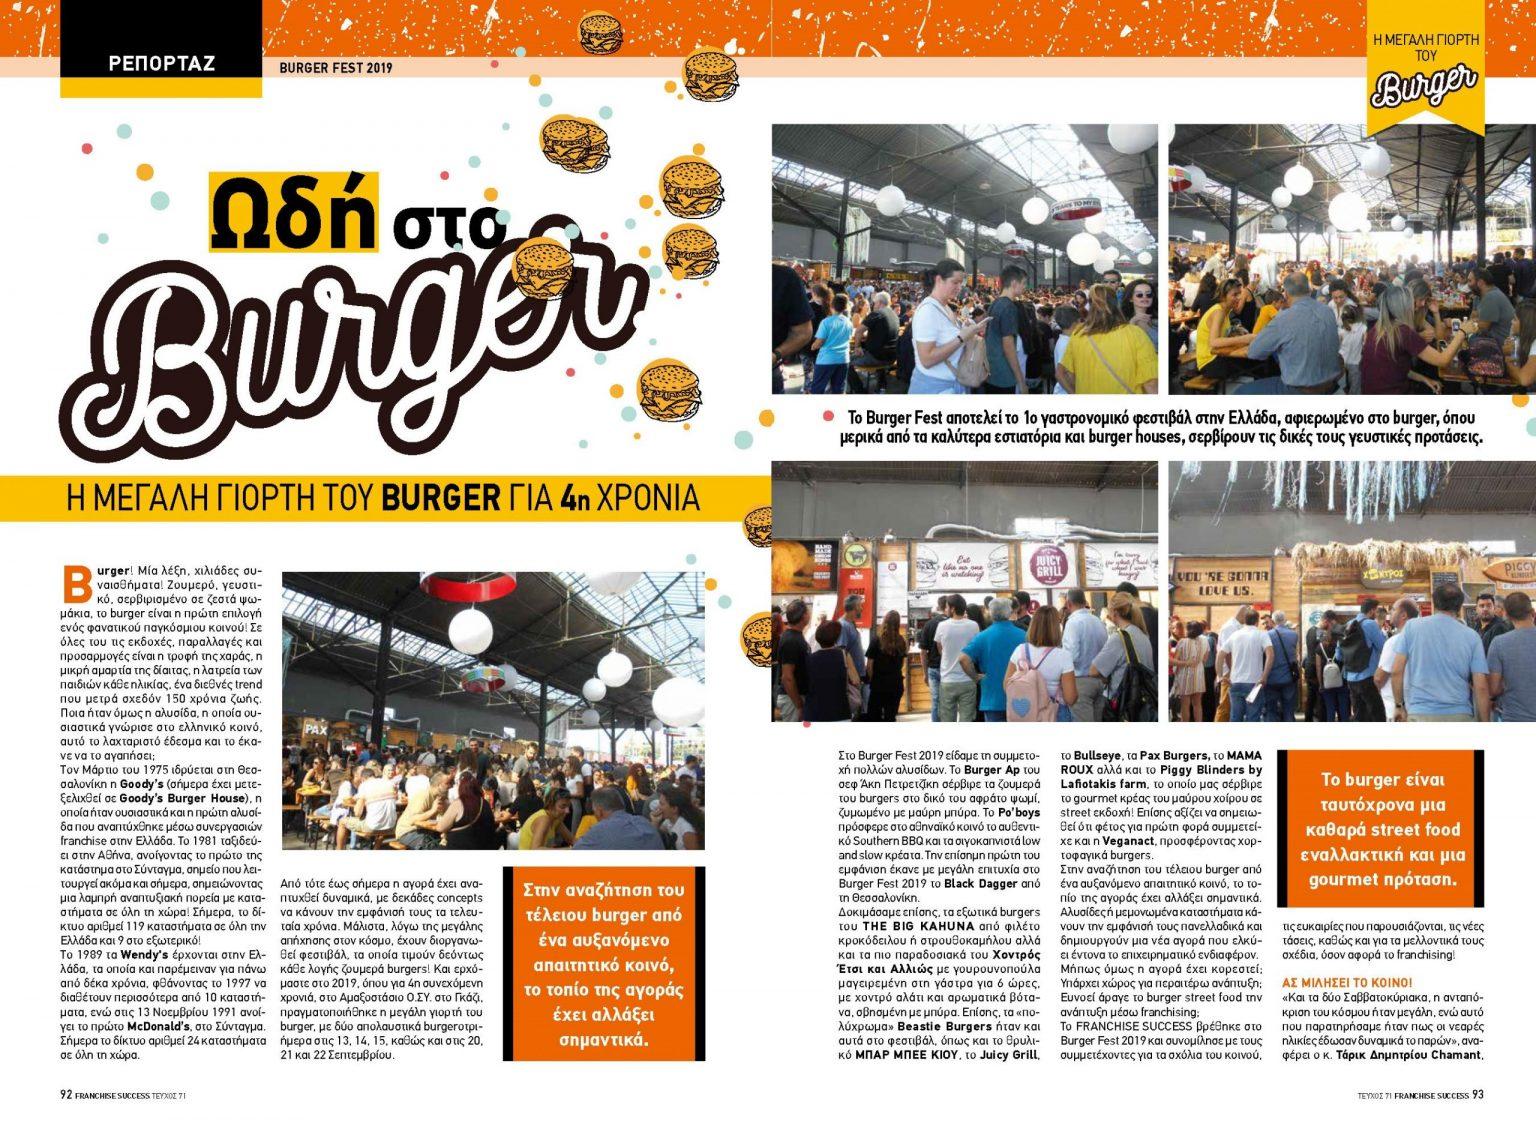 franchise success burger